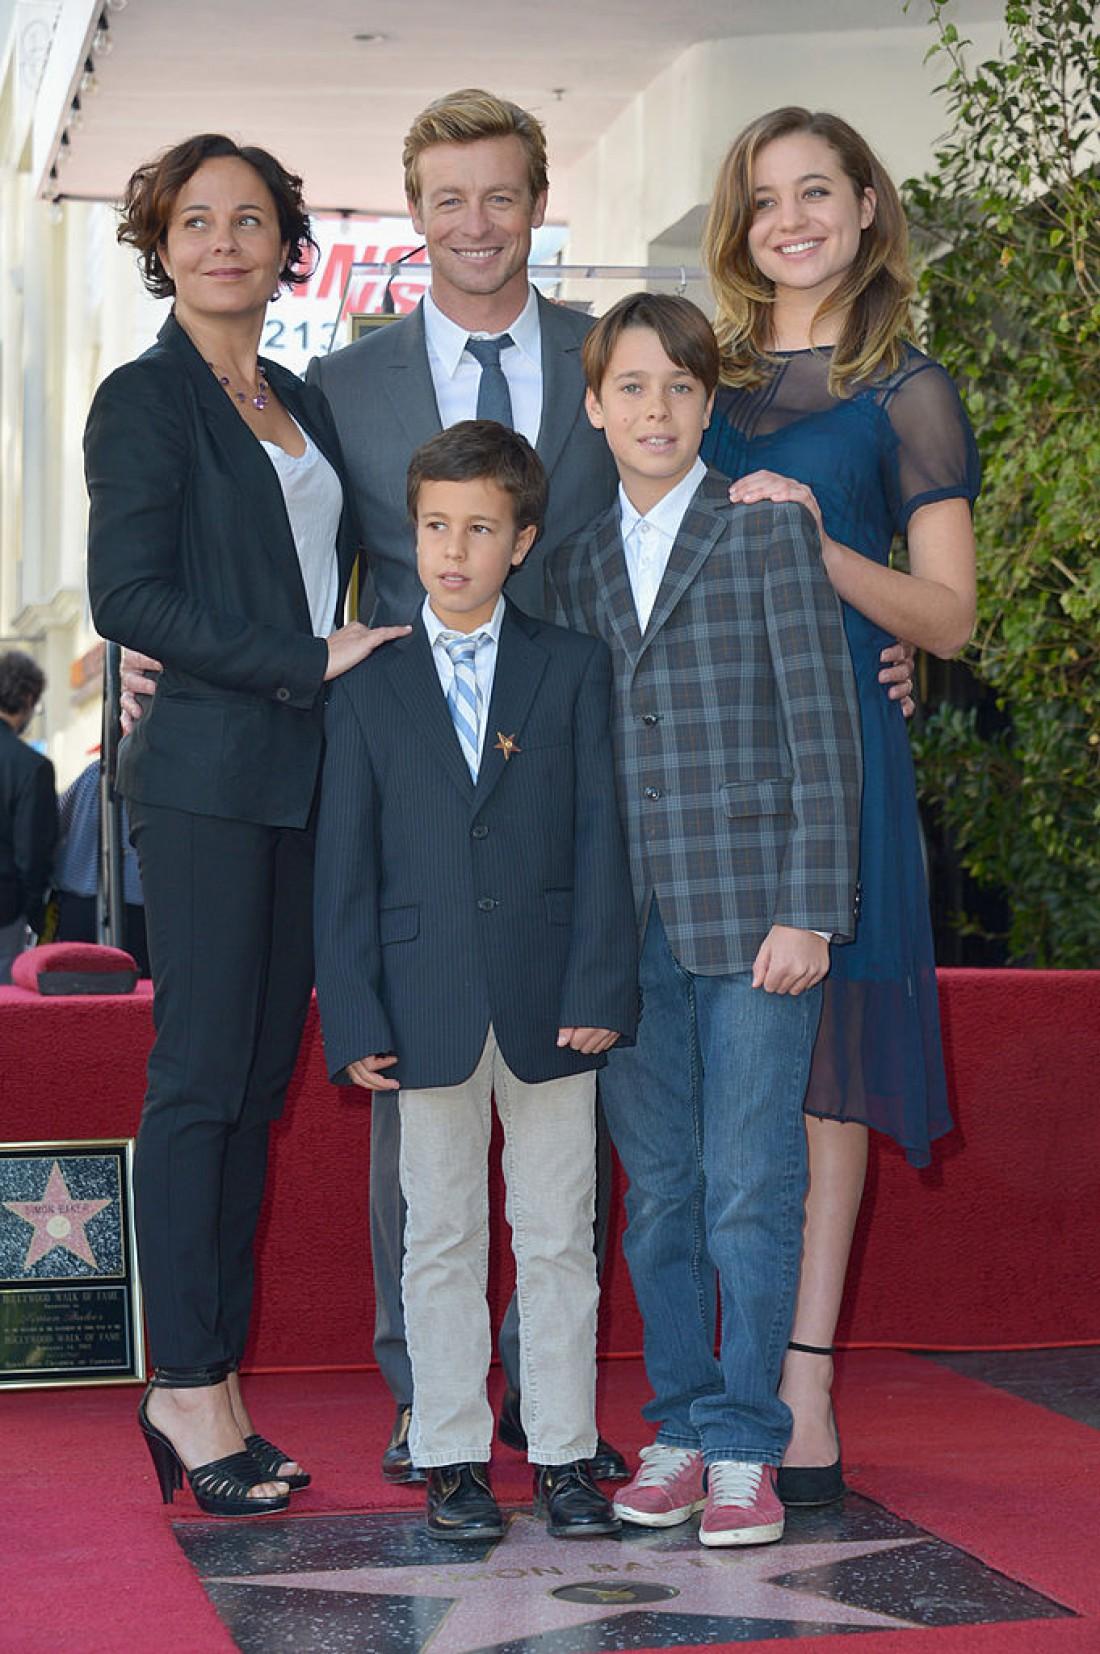 Саймон Бейкер с женой и детьми (2014 год)